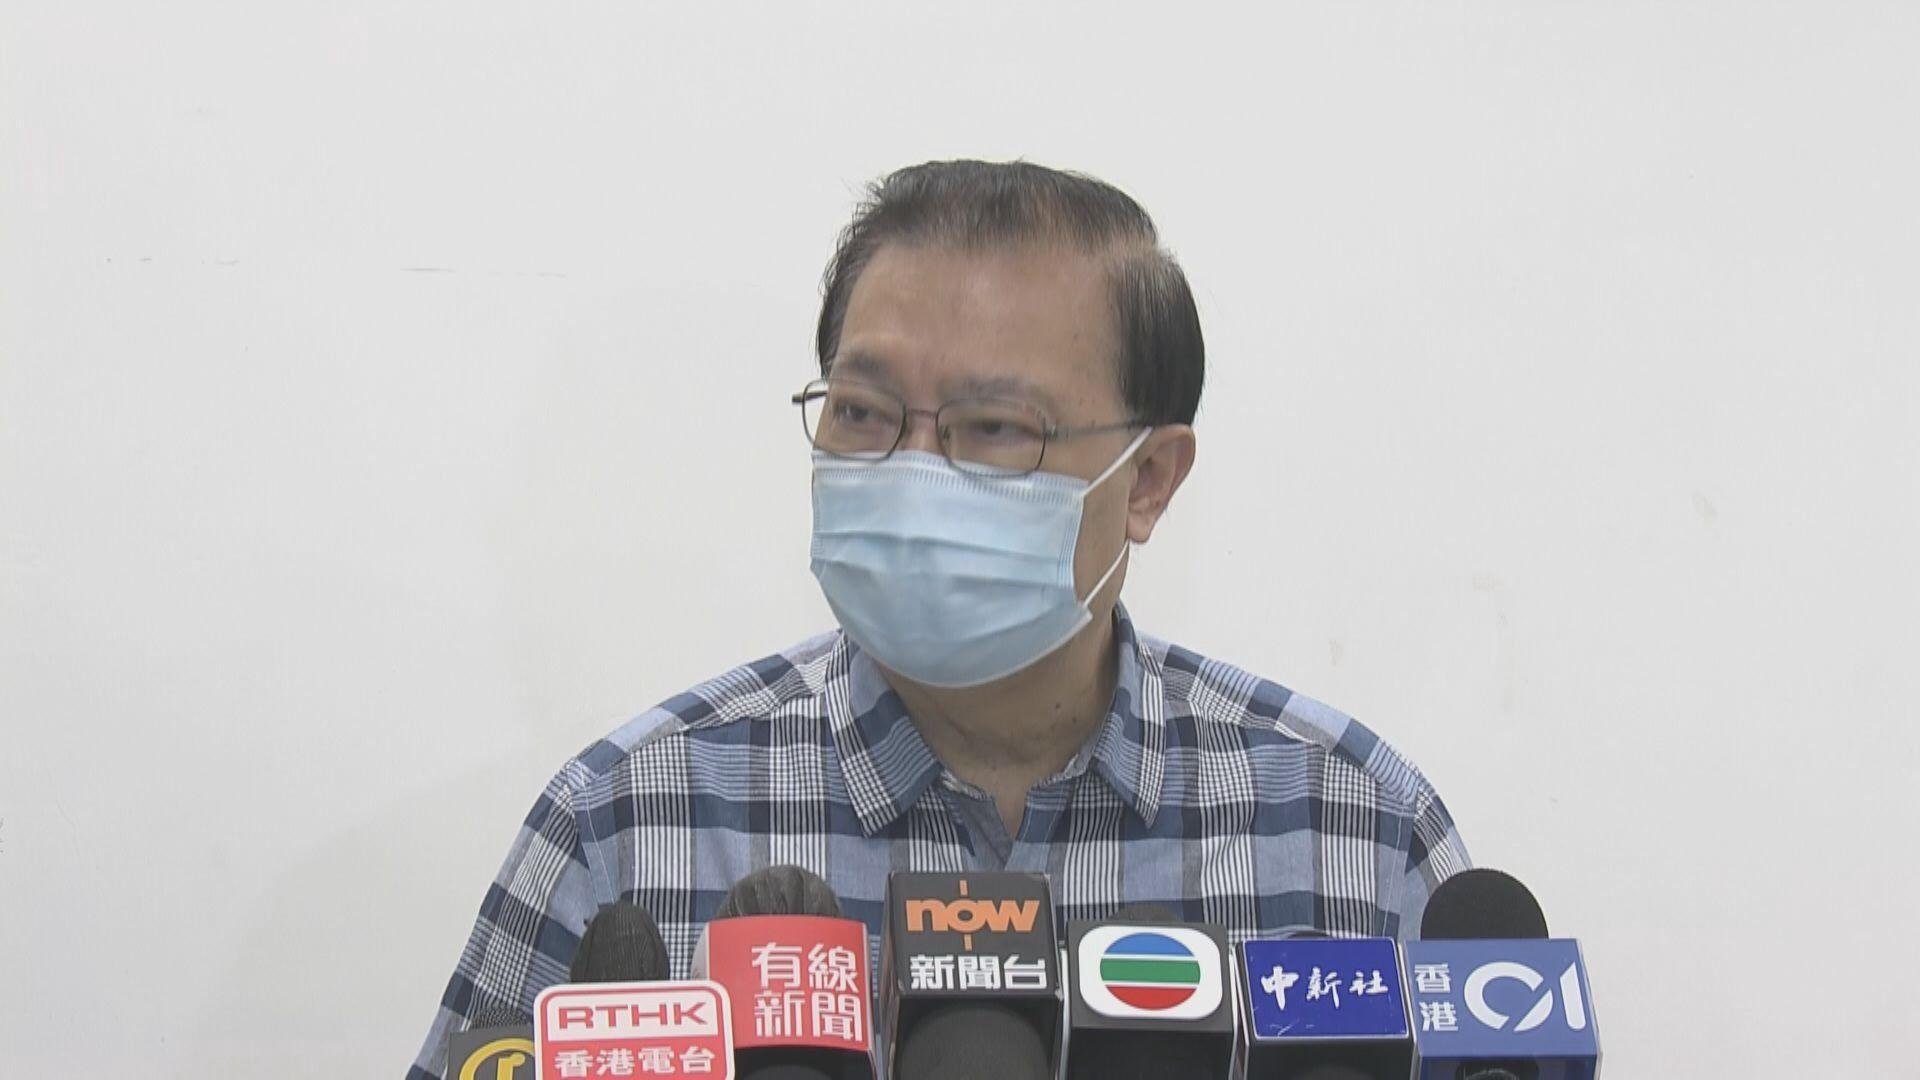 譚耀宗:香港若不設追蹤功能健康碼 通關有難度